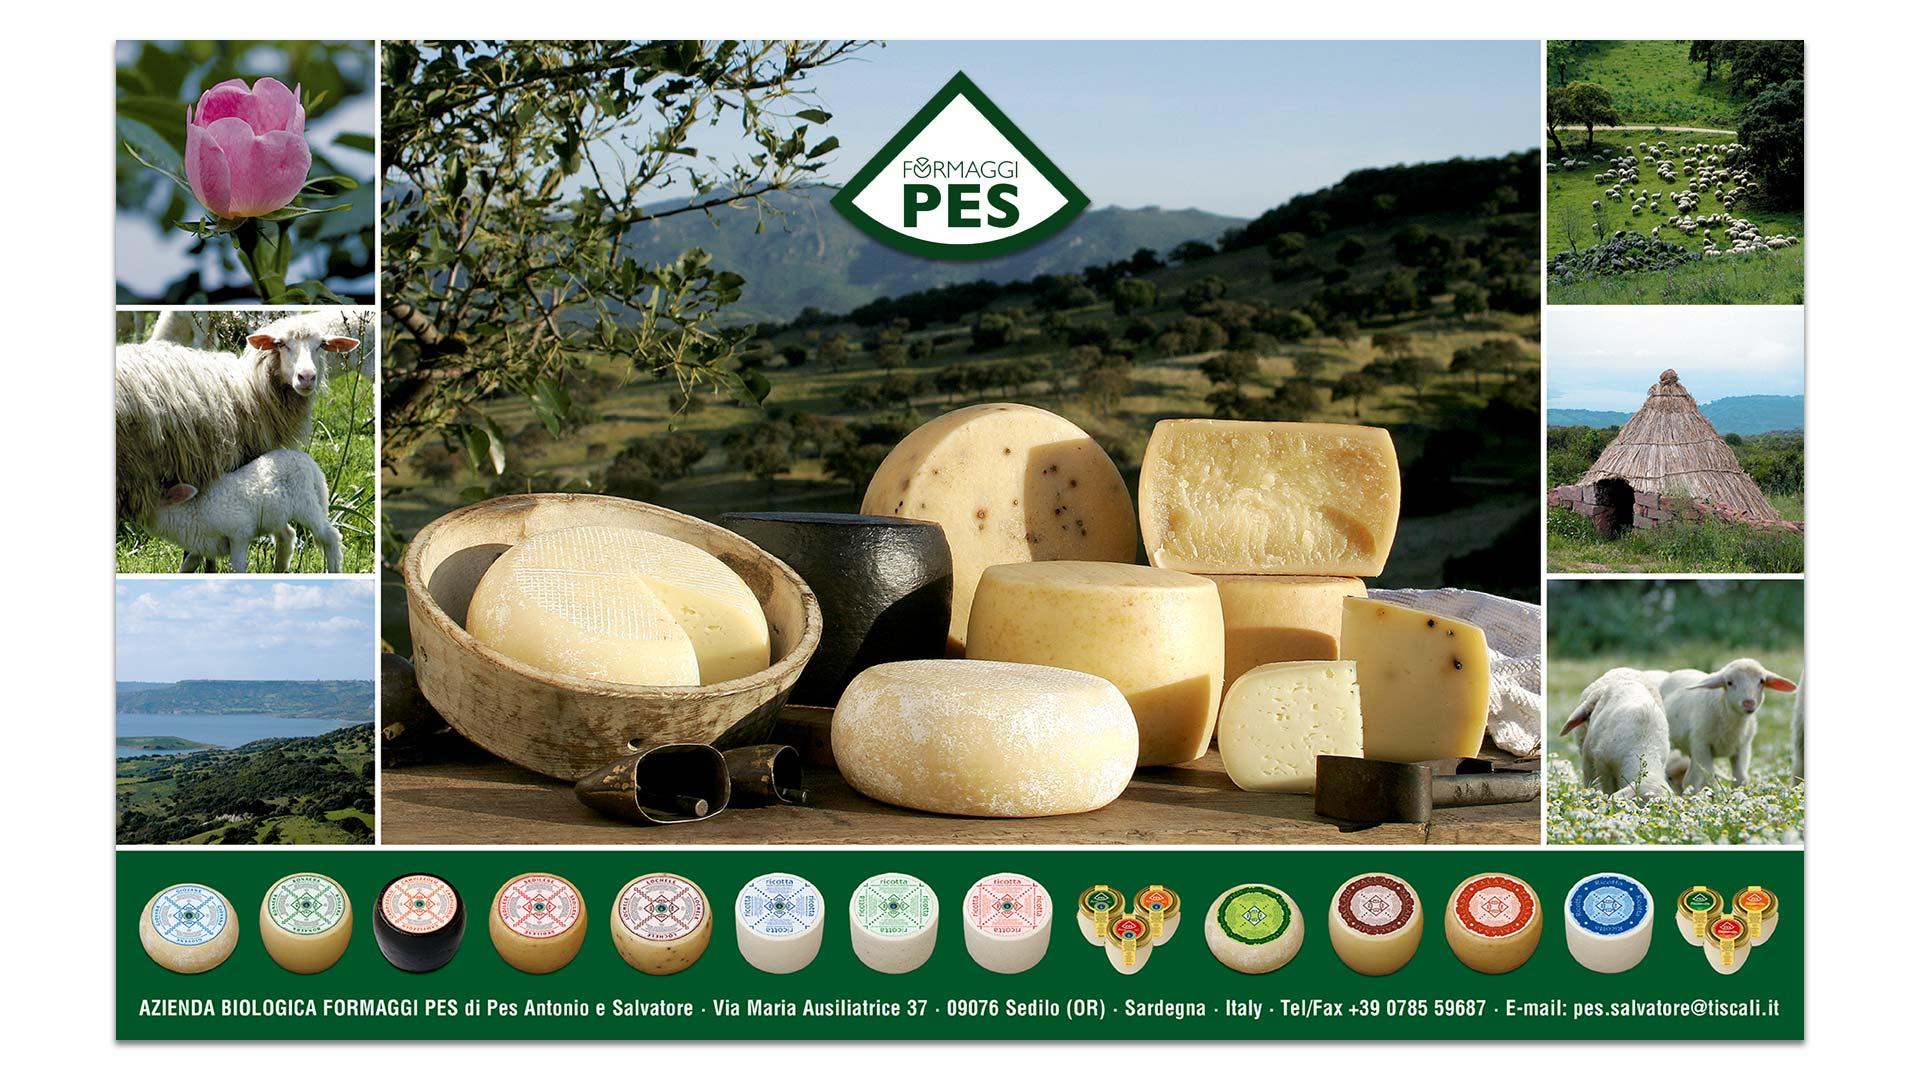 Formaggi Pes - Sedilo - Locandina prodotti